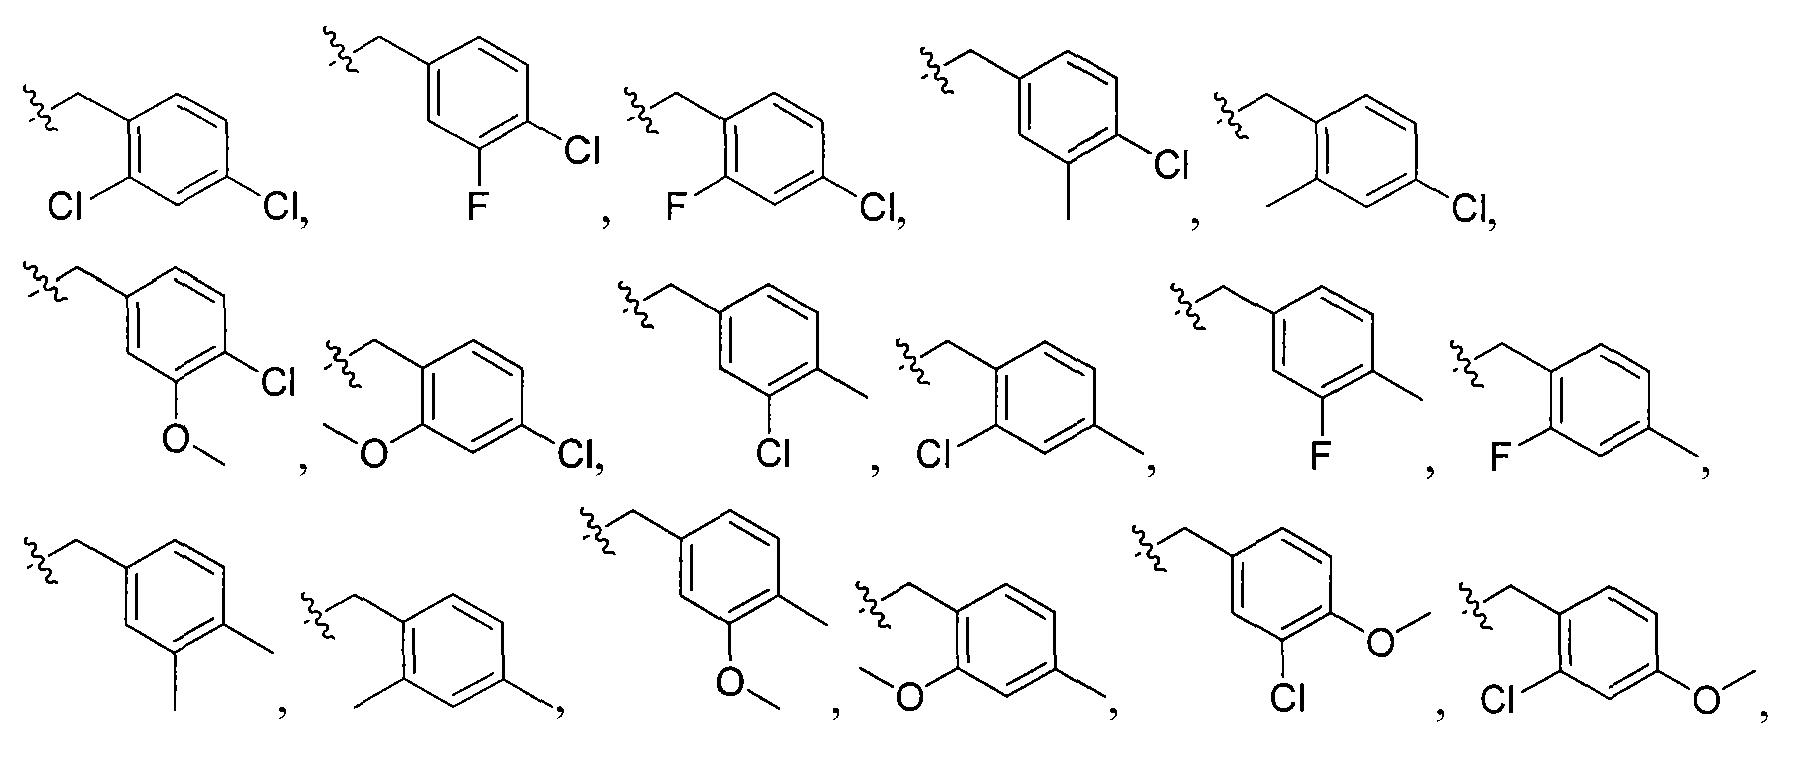 Figure imgf000022_0006